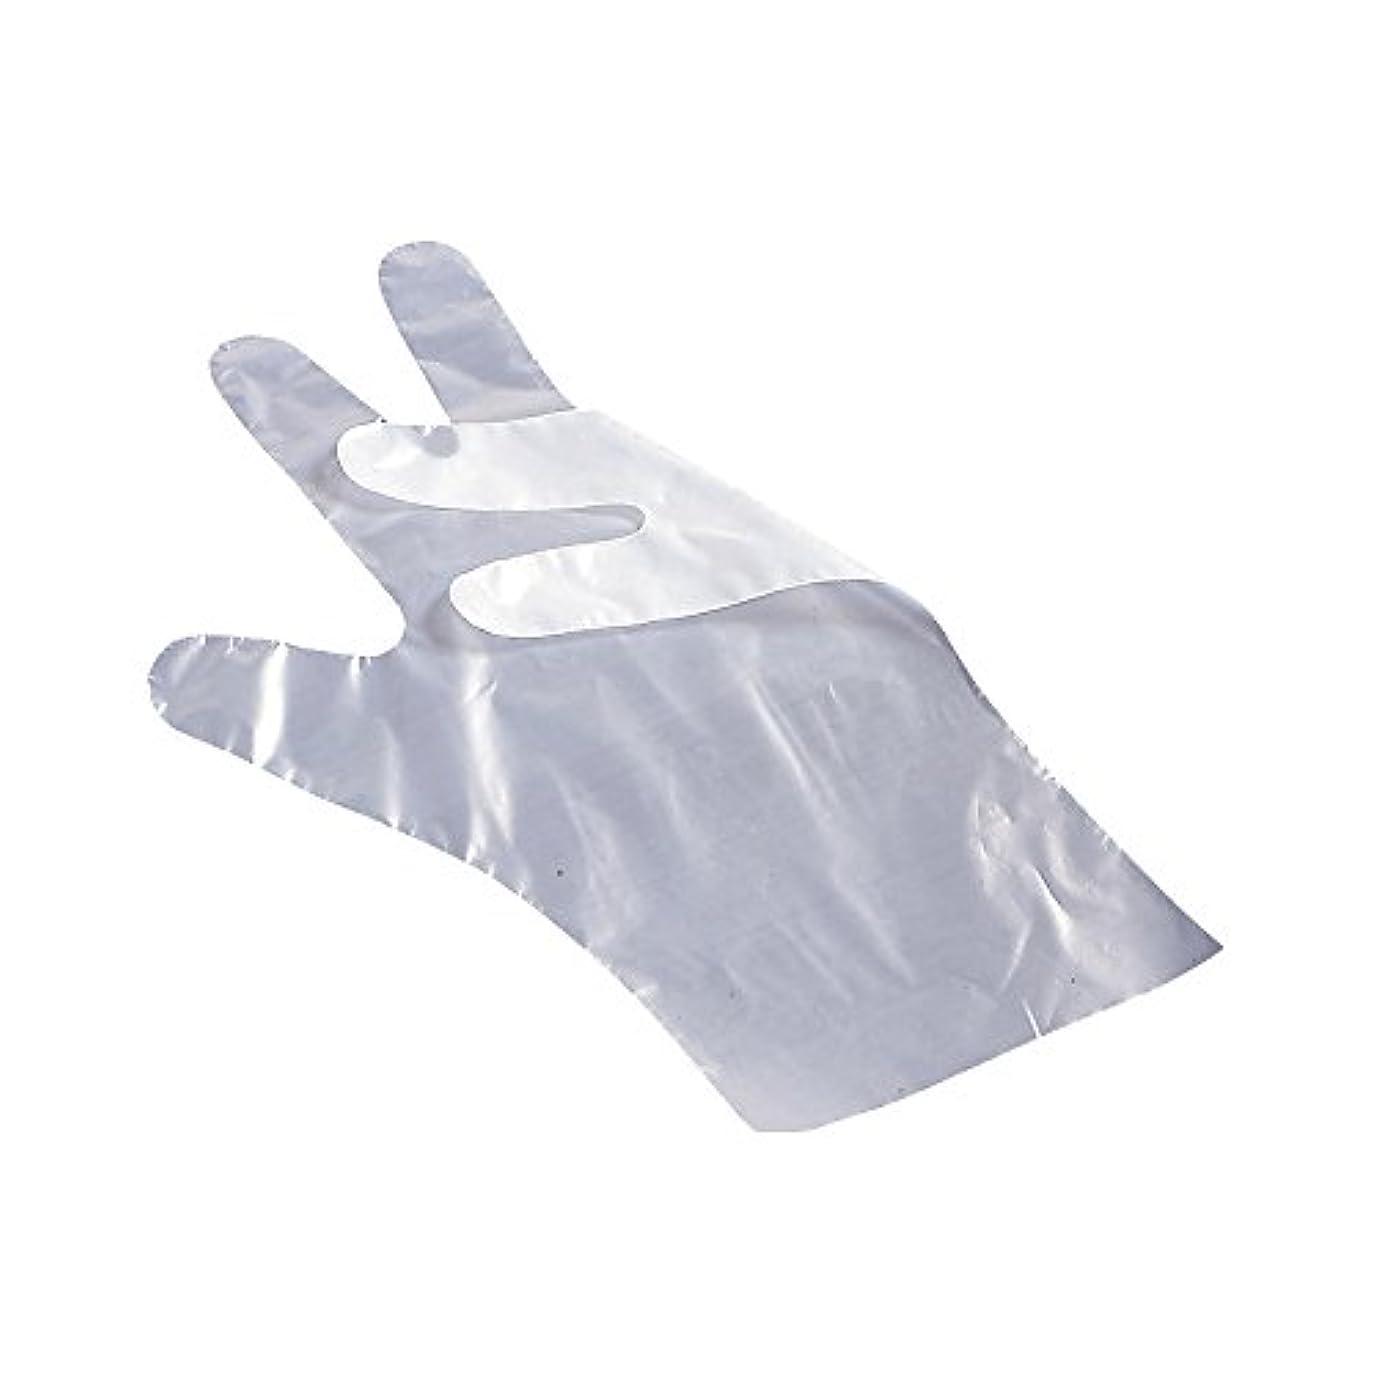 武装解除ヘクタールエピソードサクラメンポリエチレン手袋 エコノミー強力 A 200枚入 S